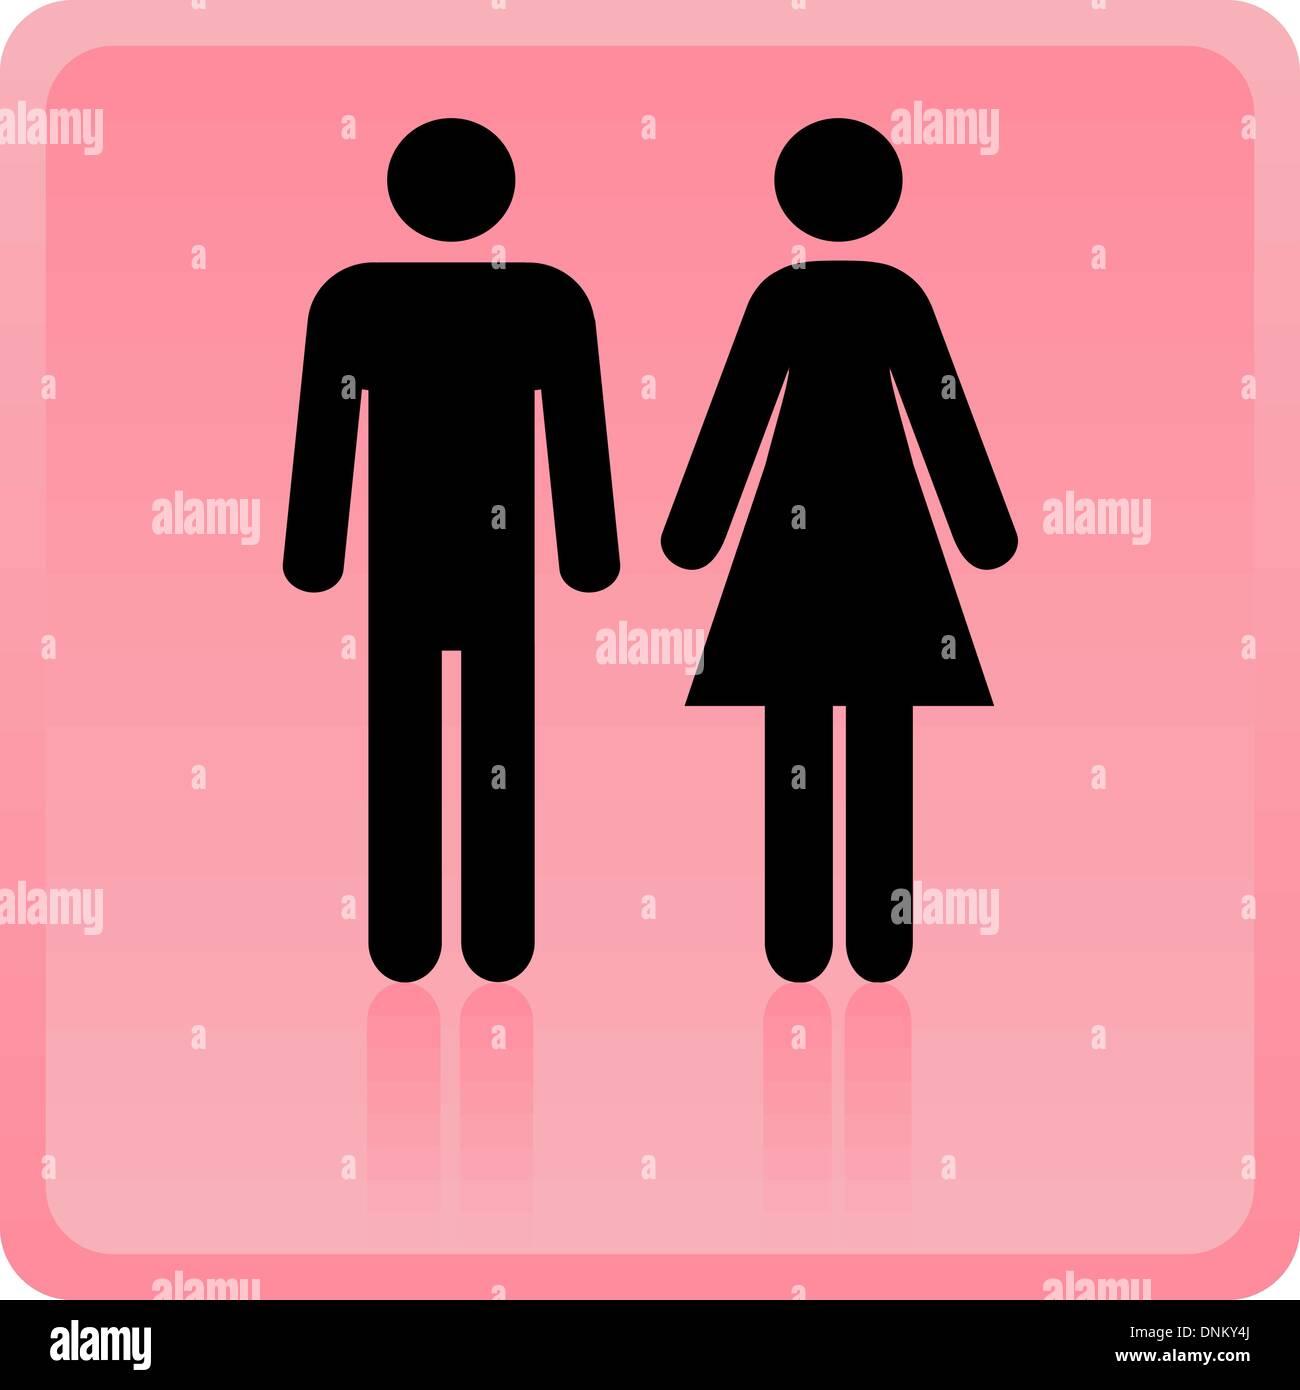 Hombre y Mujer icono vectorial sobre fondo de color rosa Imagen De Stock